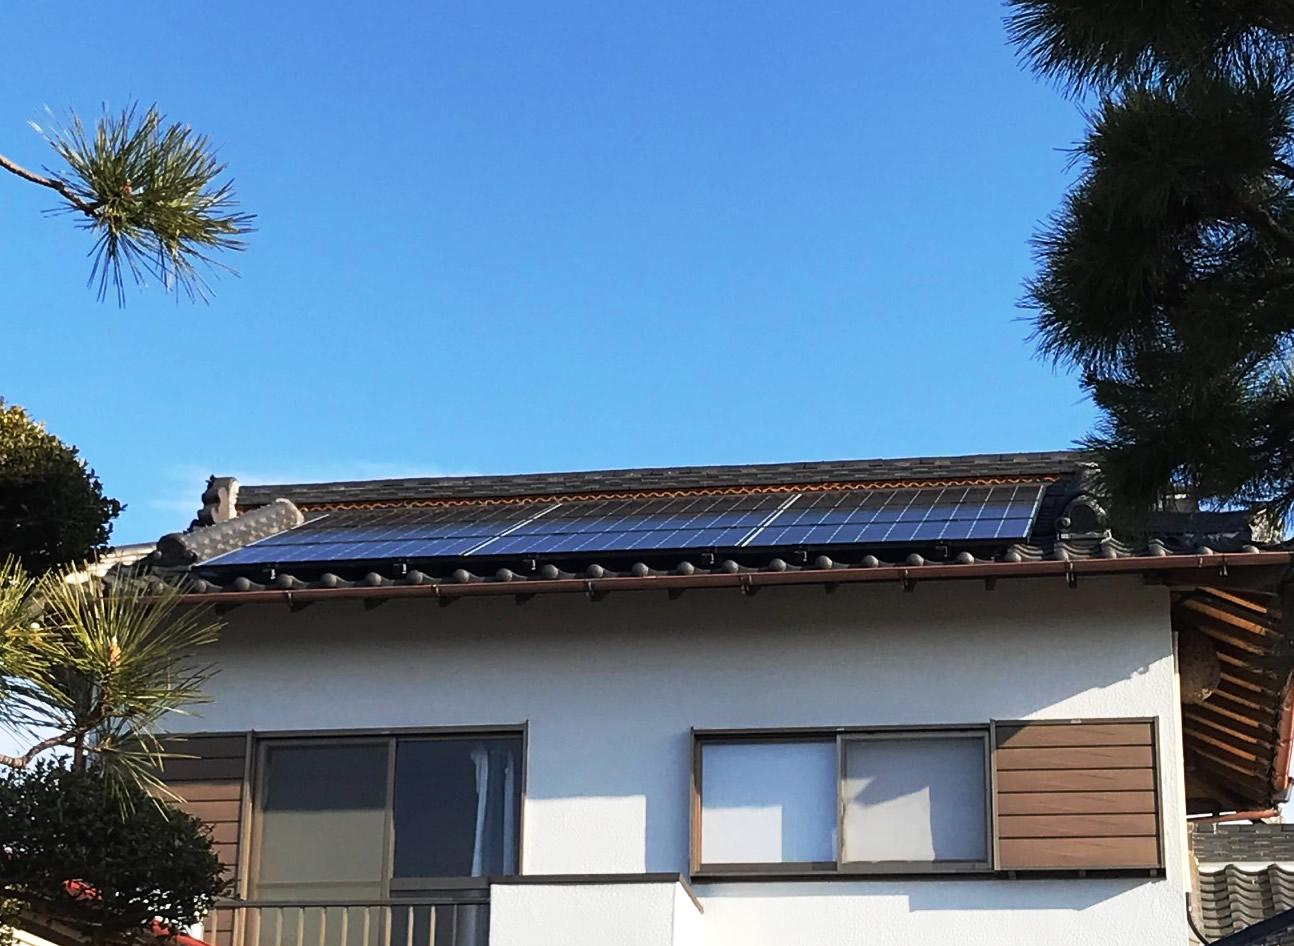 太陽光発電システムを富士宮市・Y様宅に導入しました